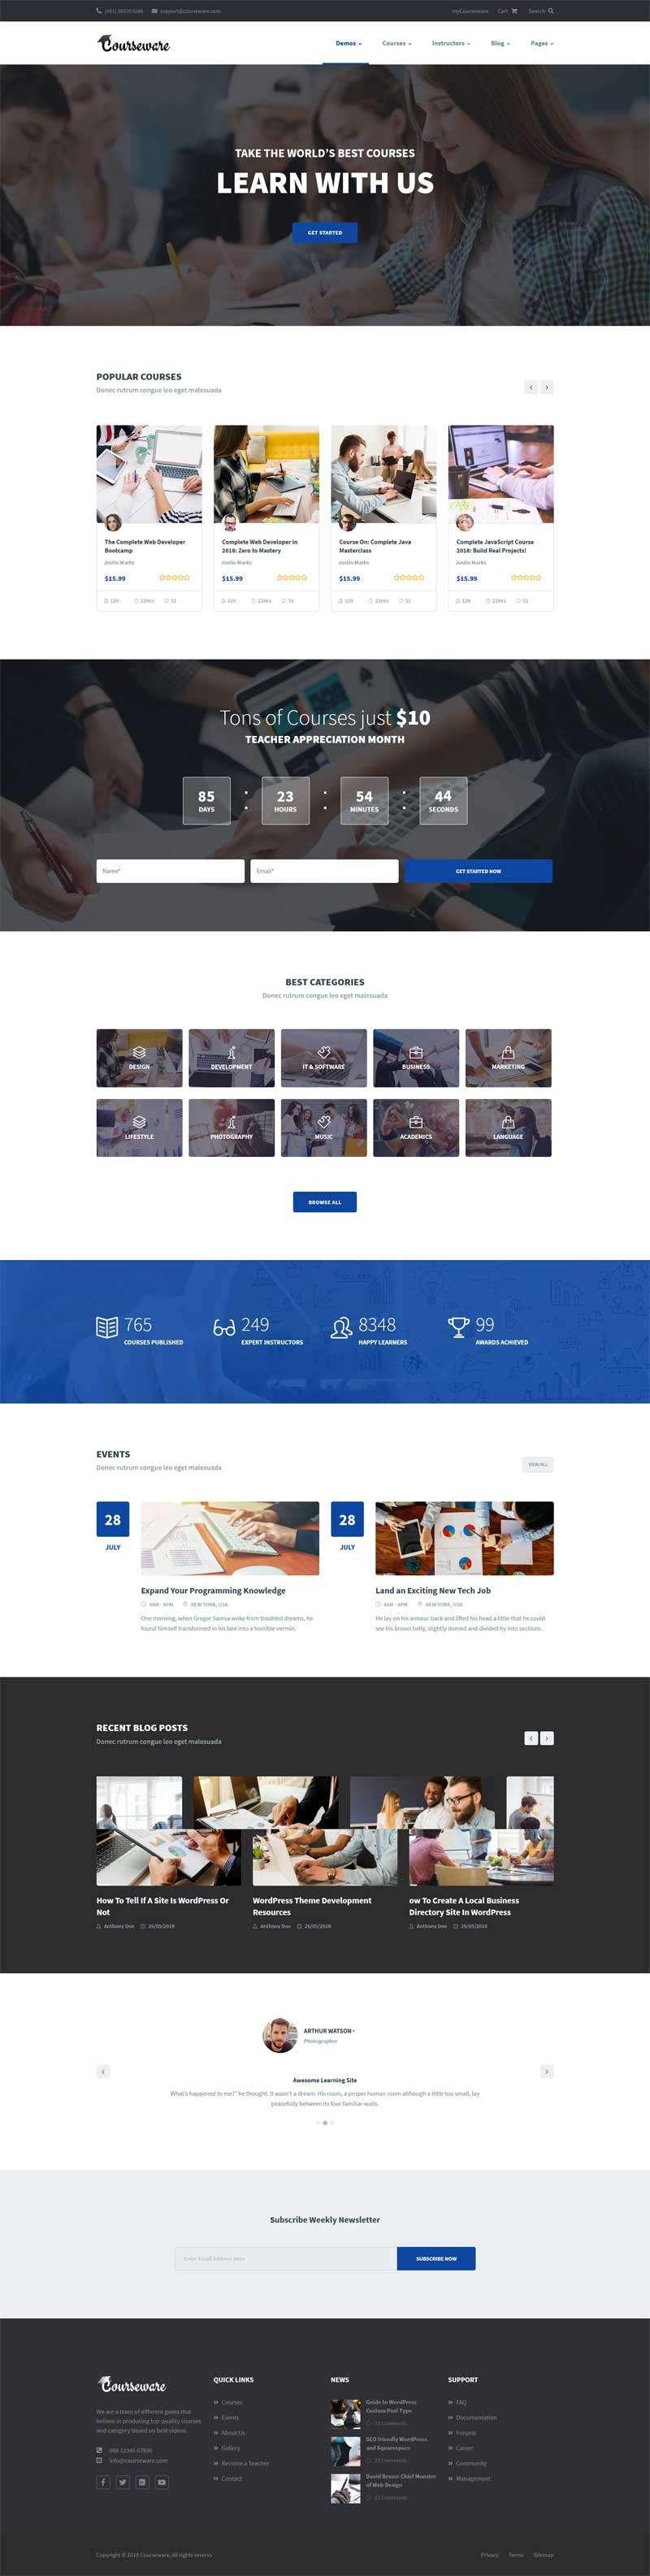 响应式在线课程教育bootstrap网站模板